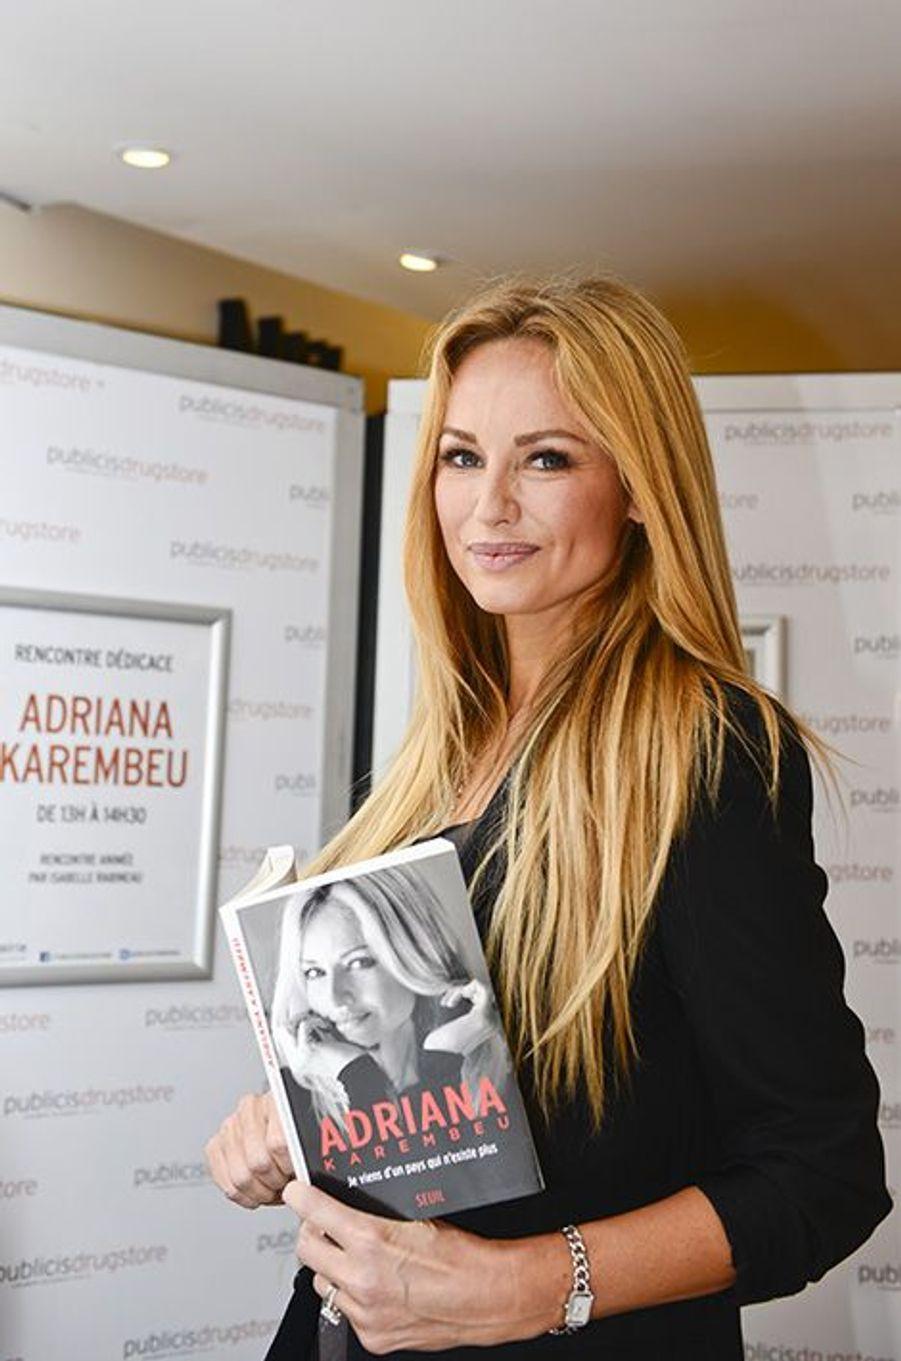 Adriana Karembeu a une séance de dédicace pour sa biographie «Je viens d'un pays qui n'existe plus», en présence de son mari André Ohanian.